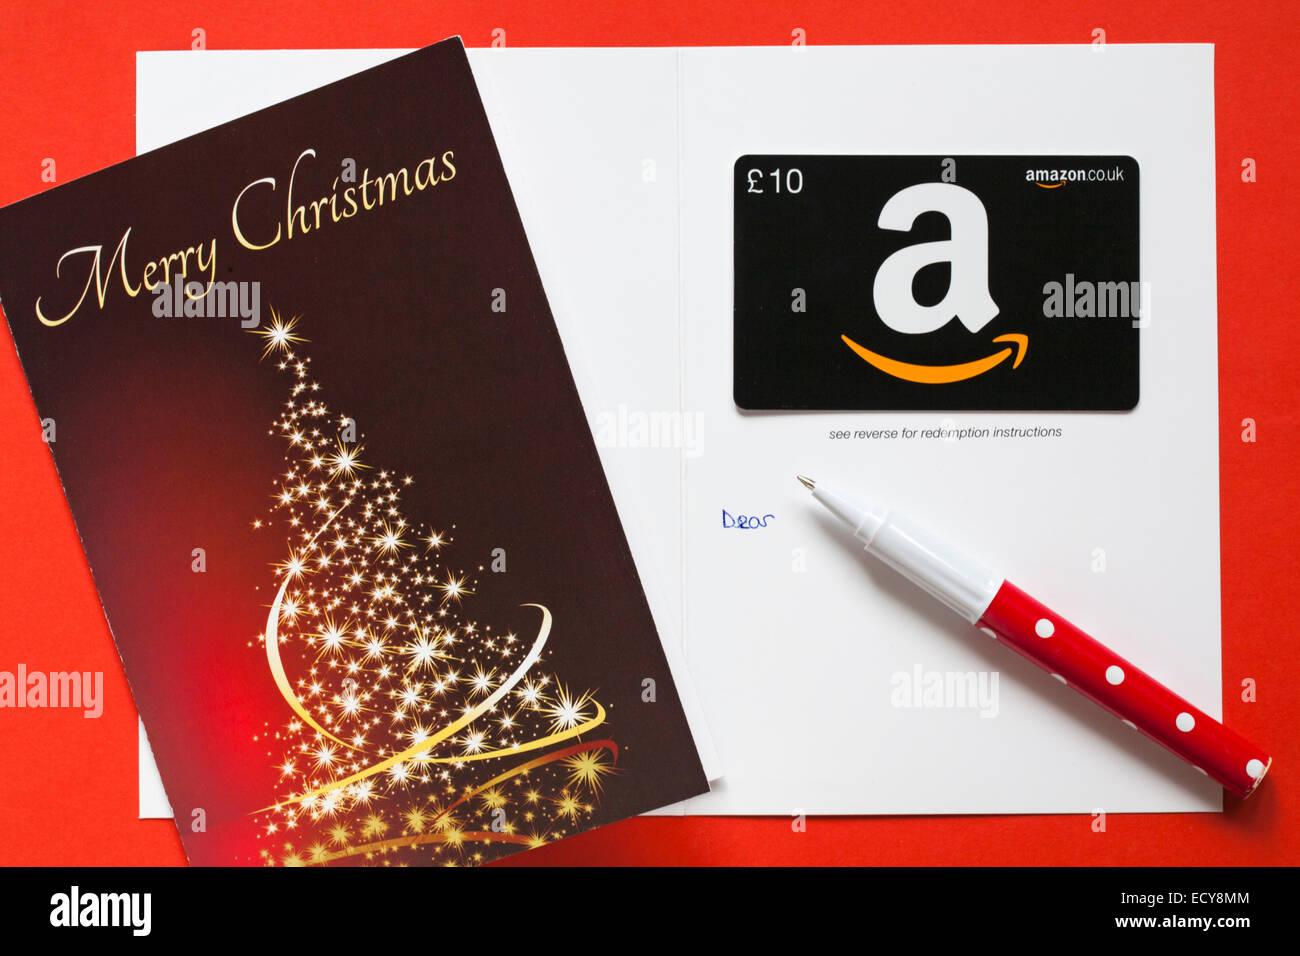 Amazon frohe Weihnachten giftcard mit geschmückten Weihnachtsbaum ...